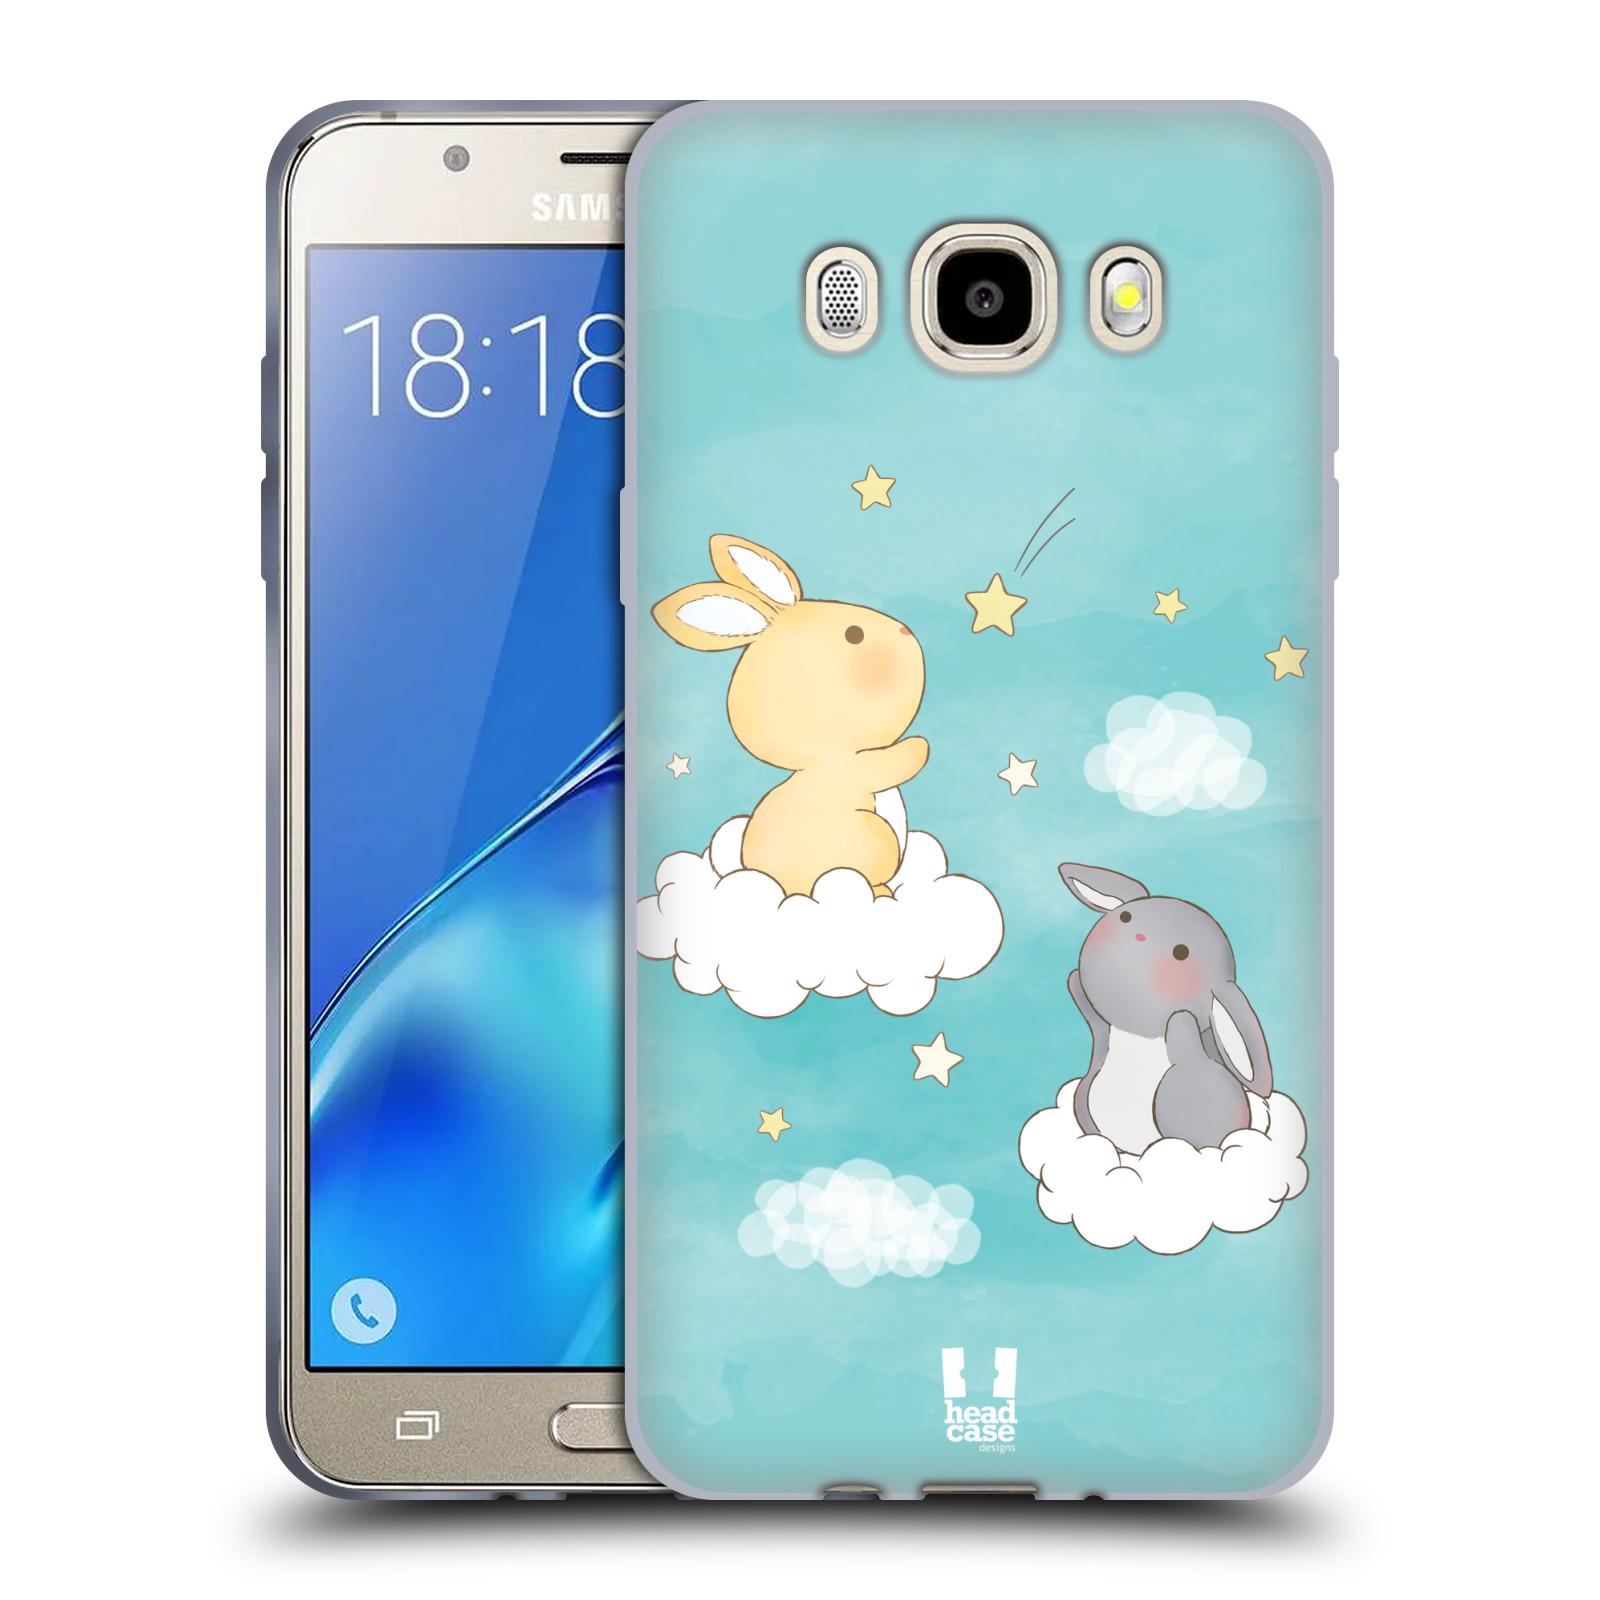 HEAD CASE silikonový obal, kryt na mobil Samsung Galaxy J5 2016, J510, J510F, (J510F DUAL SIM) vzor králíček a hvězdy modrá